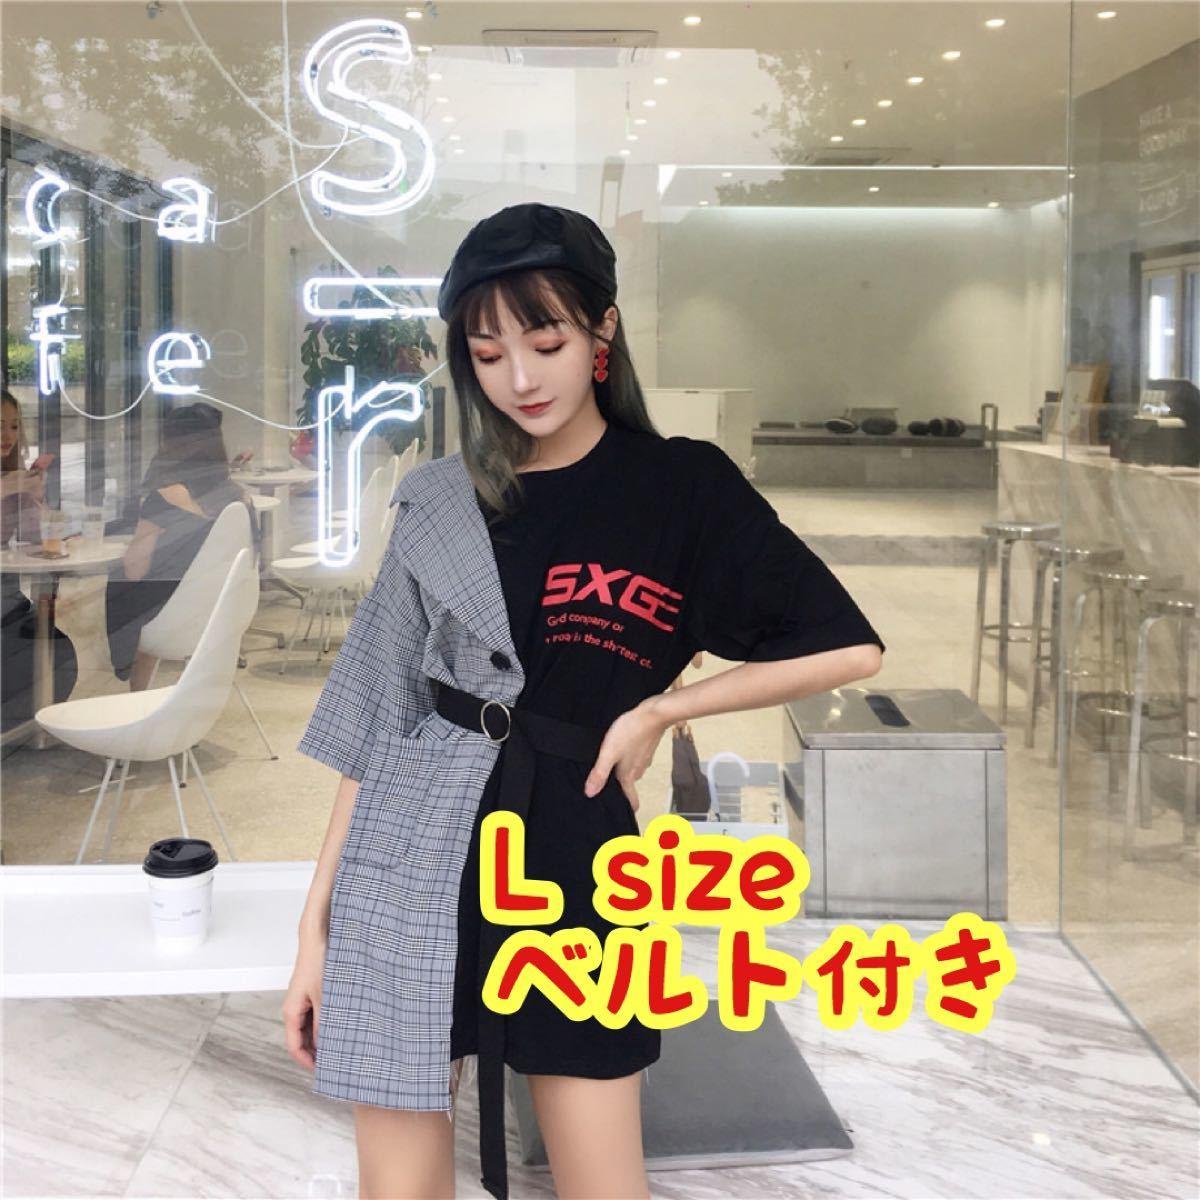 ワンピース Tシャツ バイカラー 切替 オルチャン 韓国 トレンド 人気